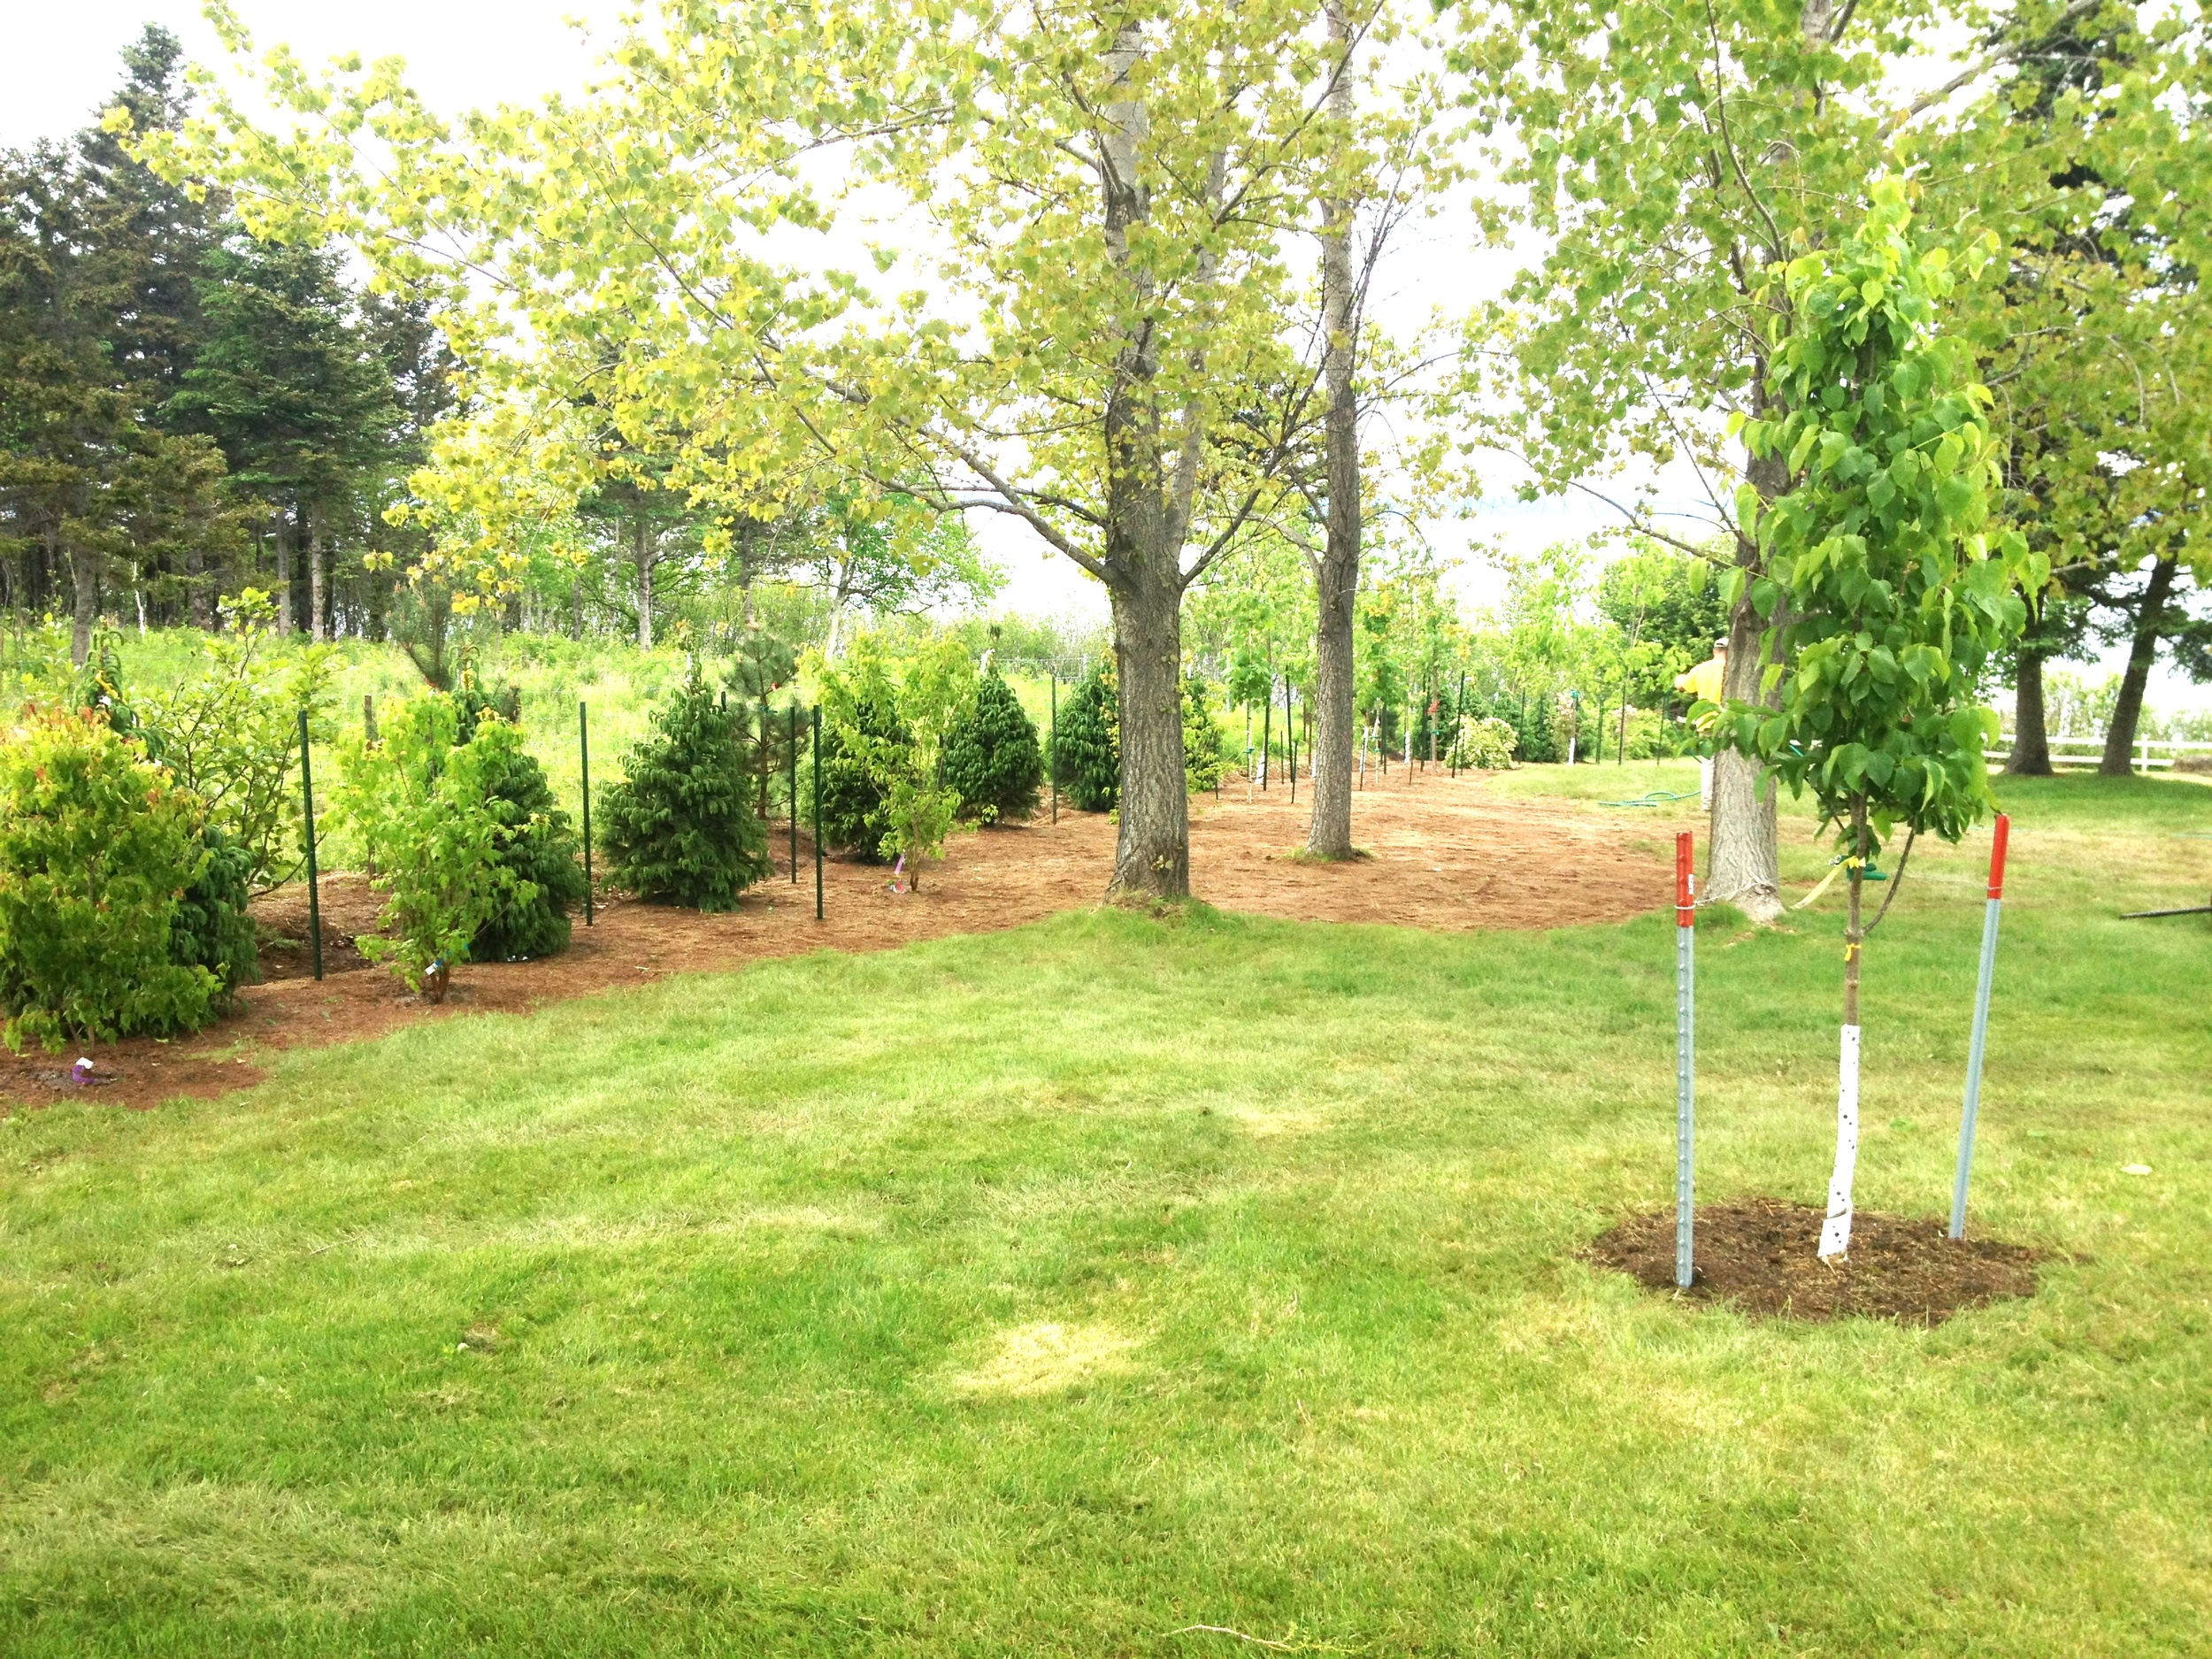 Brenda Carbontte trees - edited for website.JPG